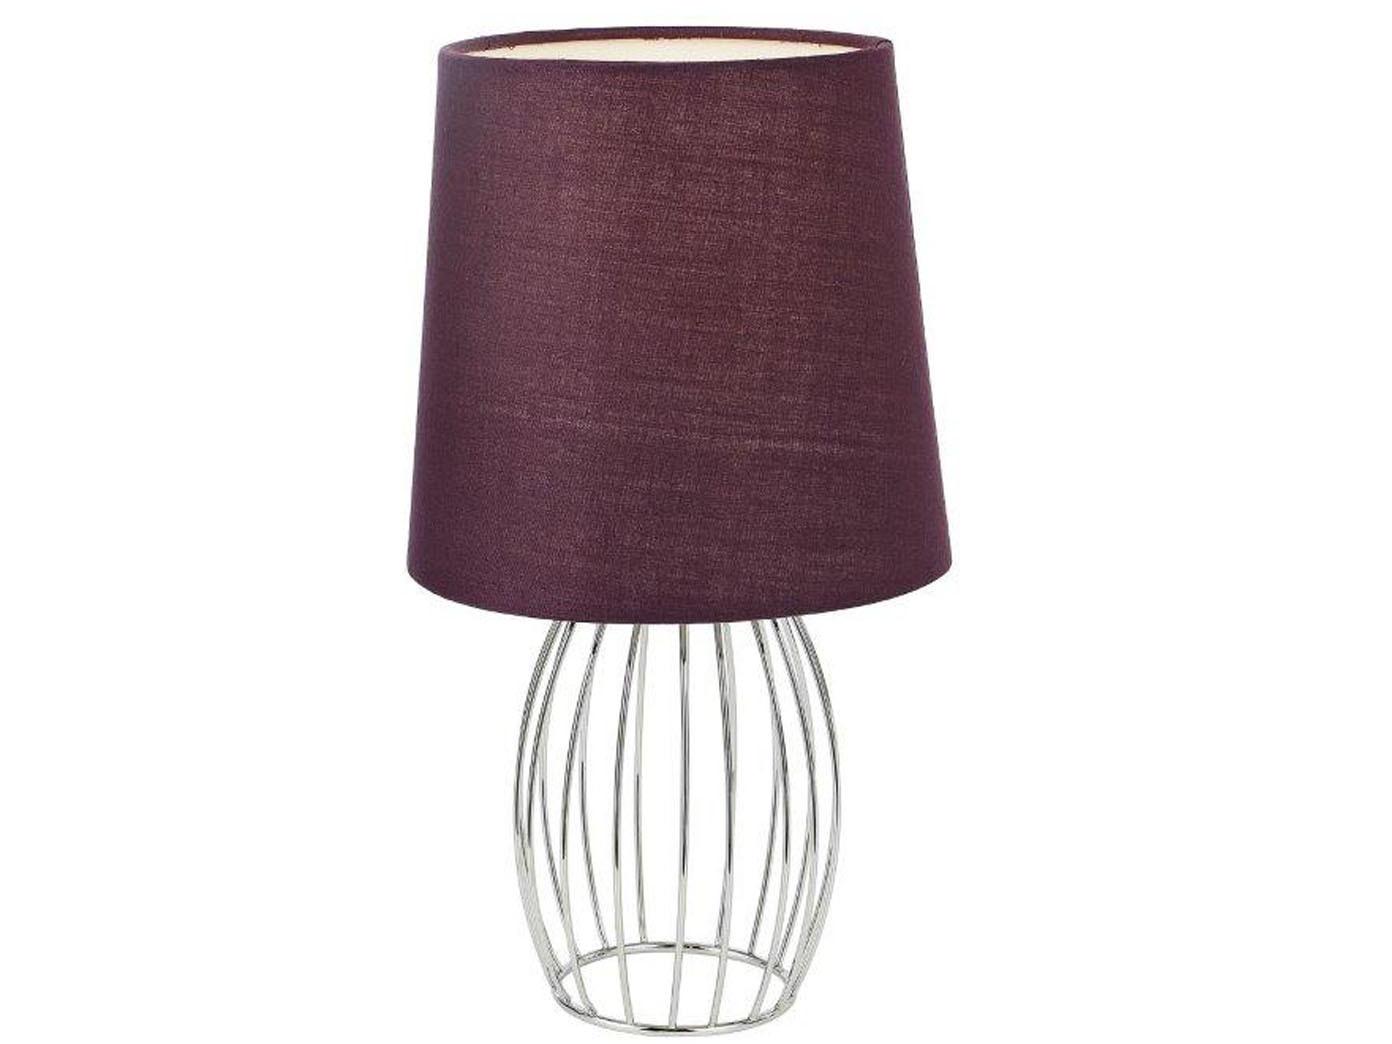 design tischleuchte modern mit led textilschirm lila. Black Bedroom Furniture Sets. Home Design Ideas